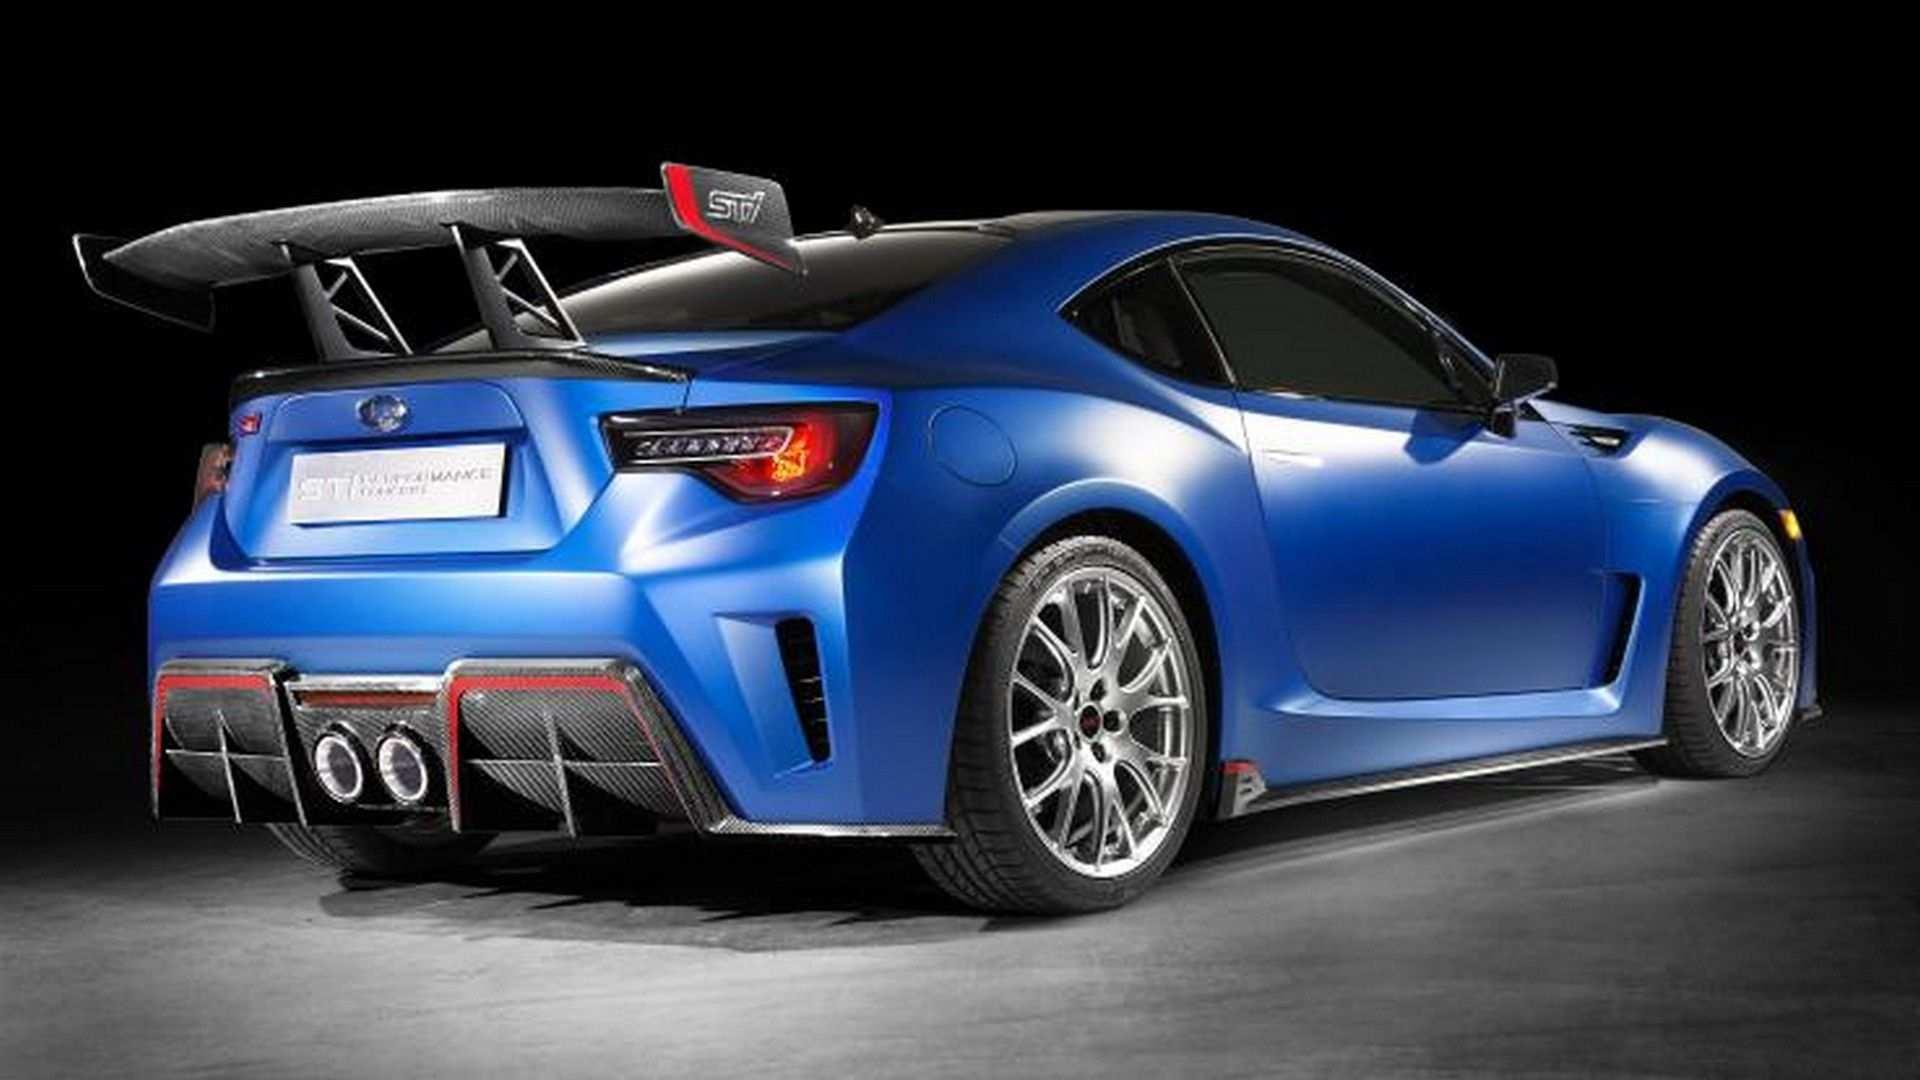 84 Best Review 2020 Subaru Brz Sti Turbo Engine for 2020 Subaru Brz Sti Turbo